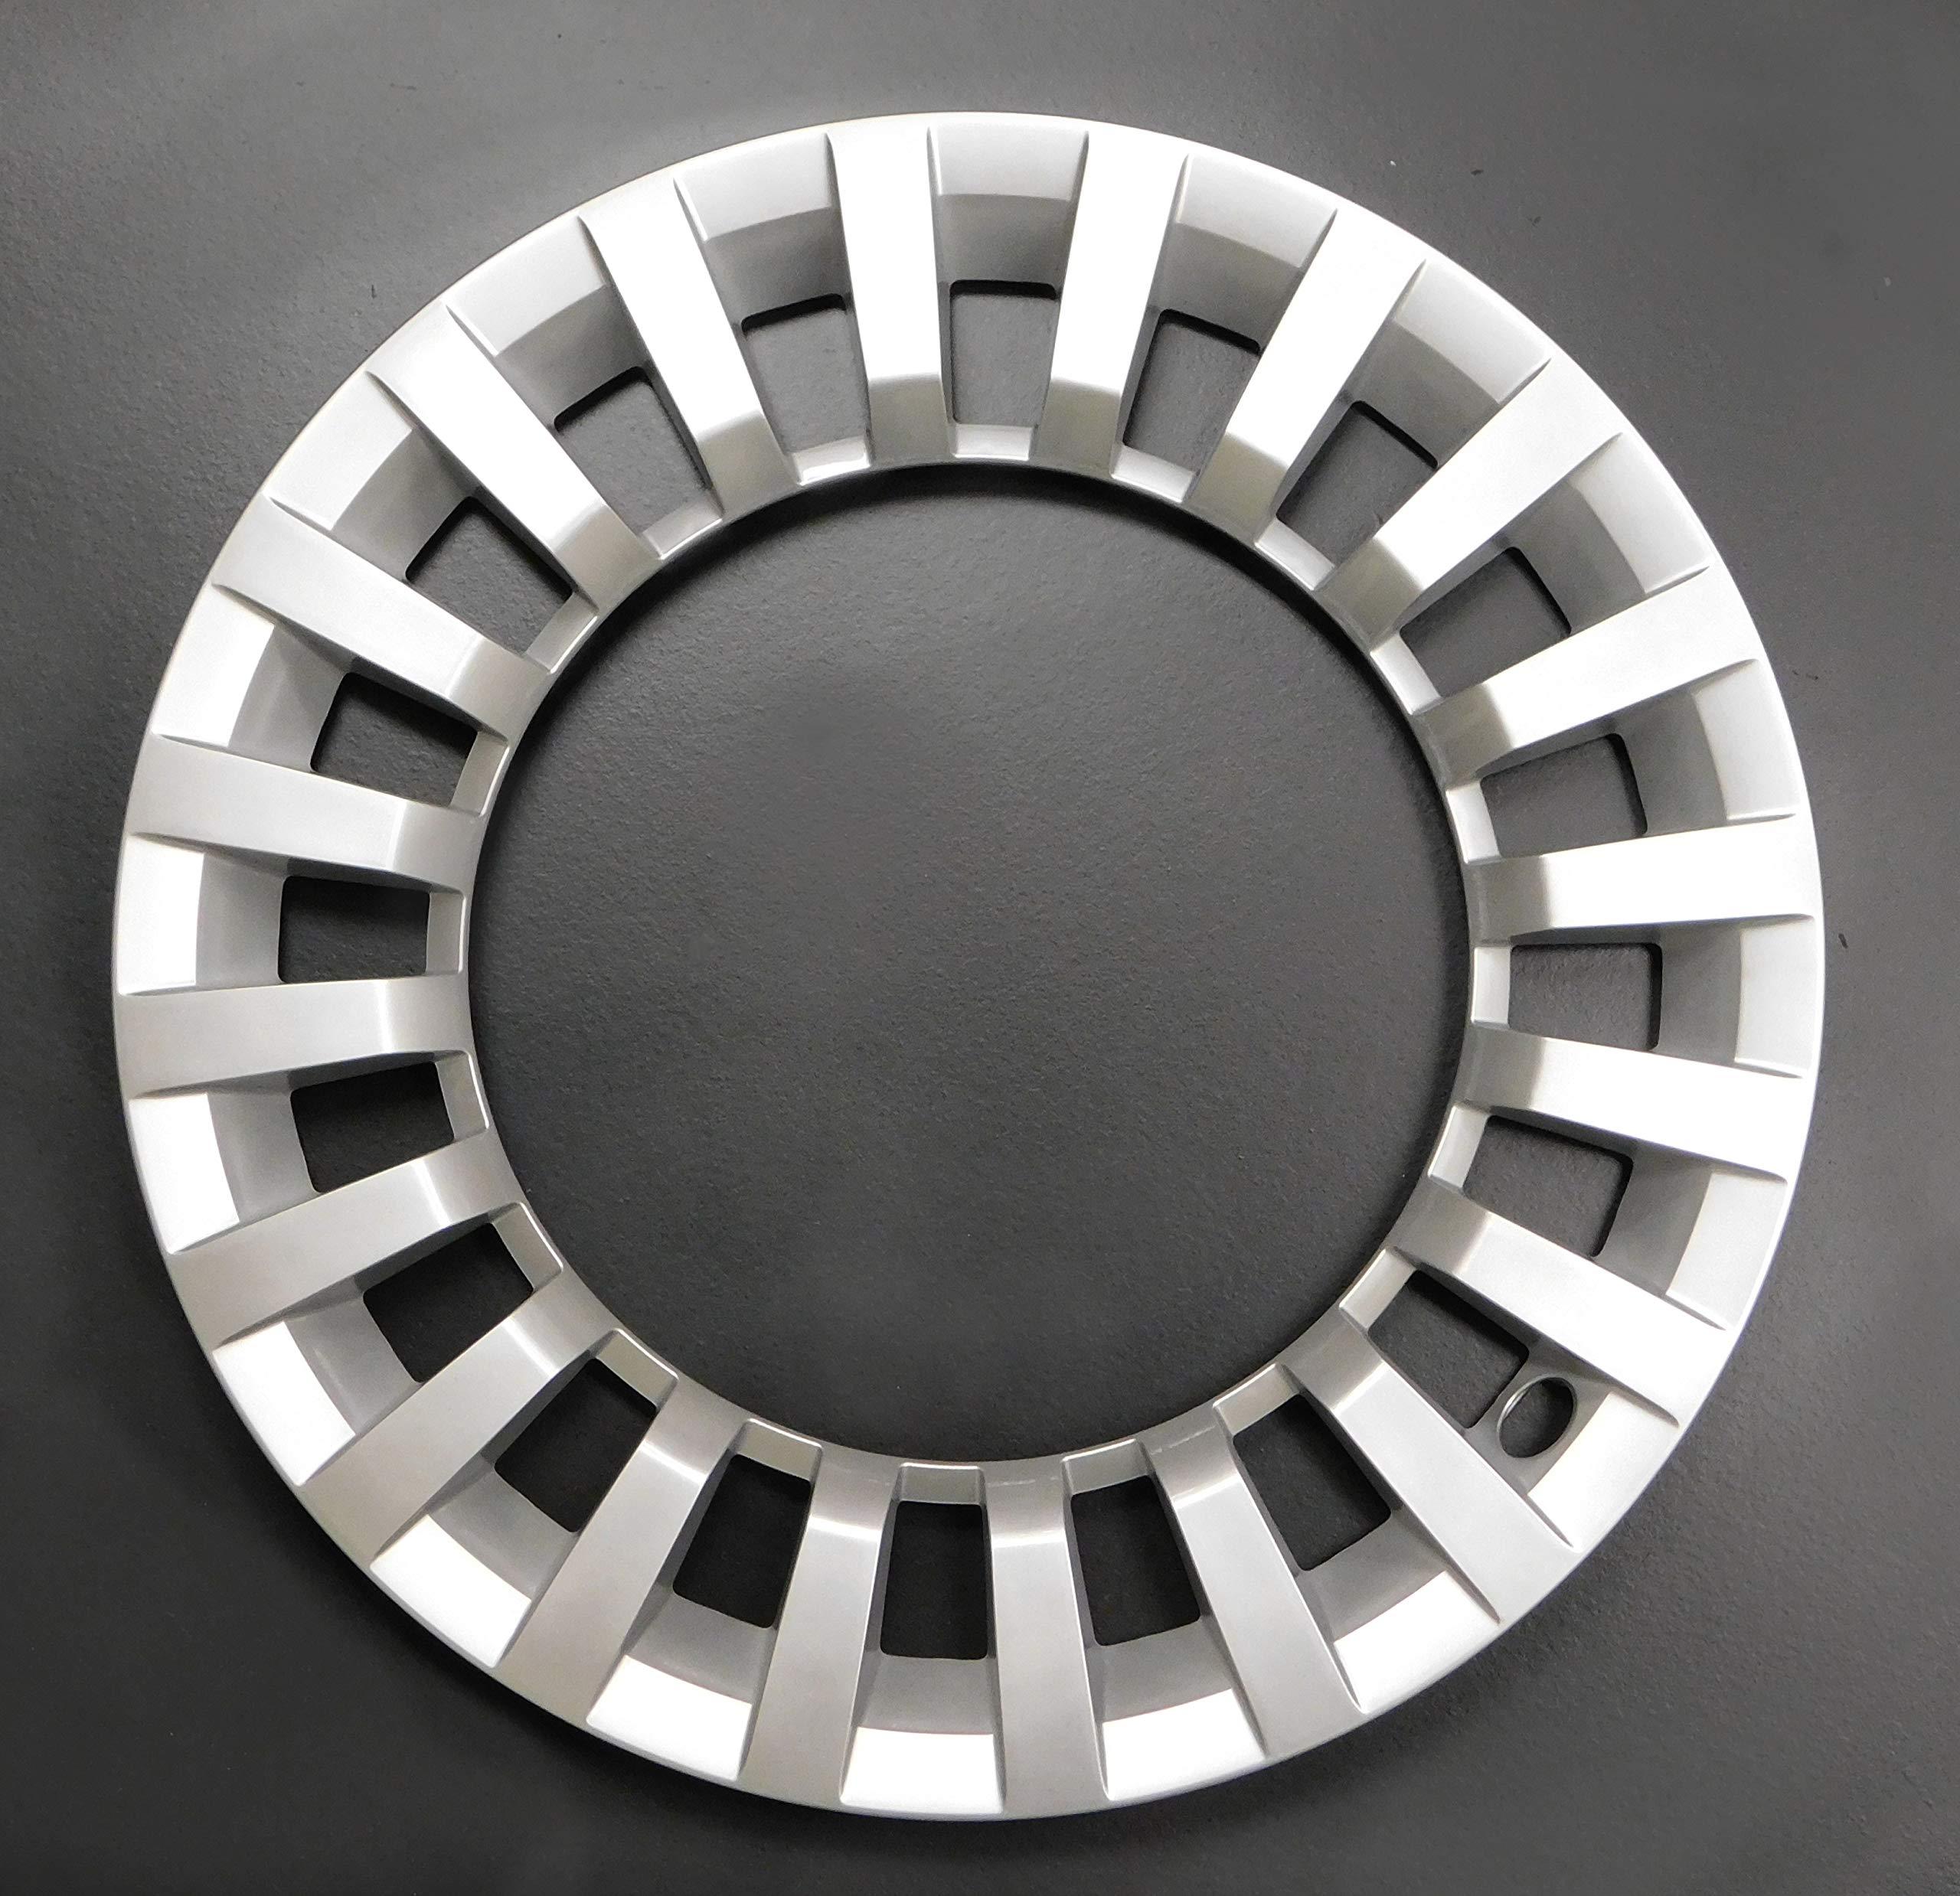 Genuine Wheel Trim Ring For VW Beetle 5C1 2012-2017 by Volkswagen